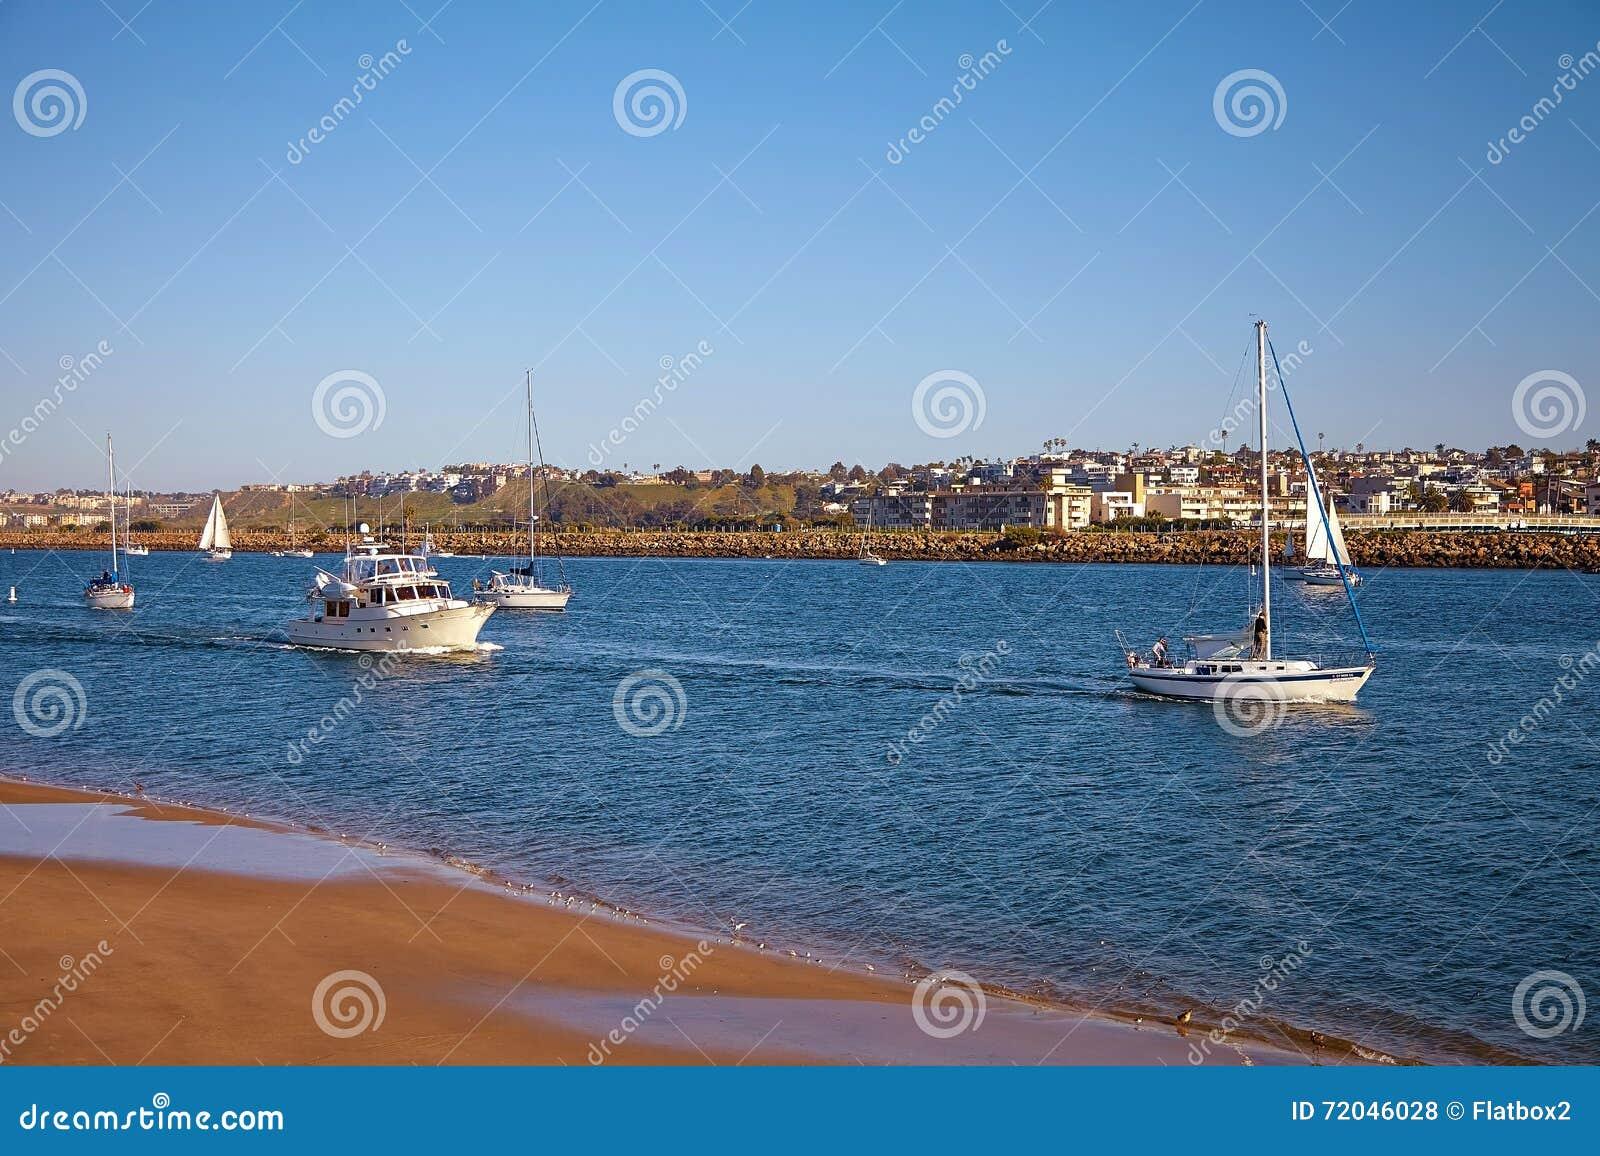 Zeilboten terug naar Marina Del Rey in Californië